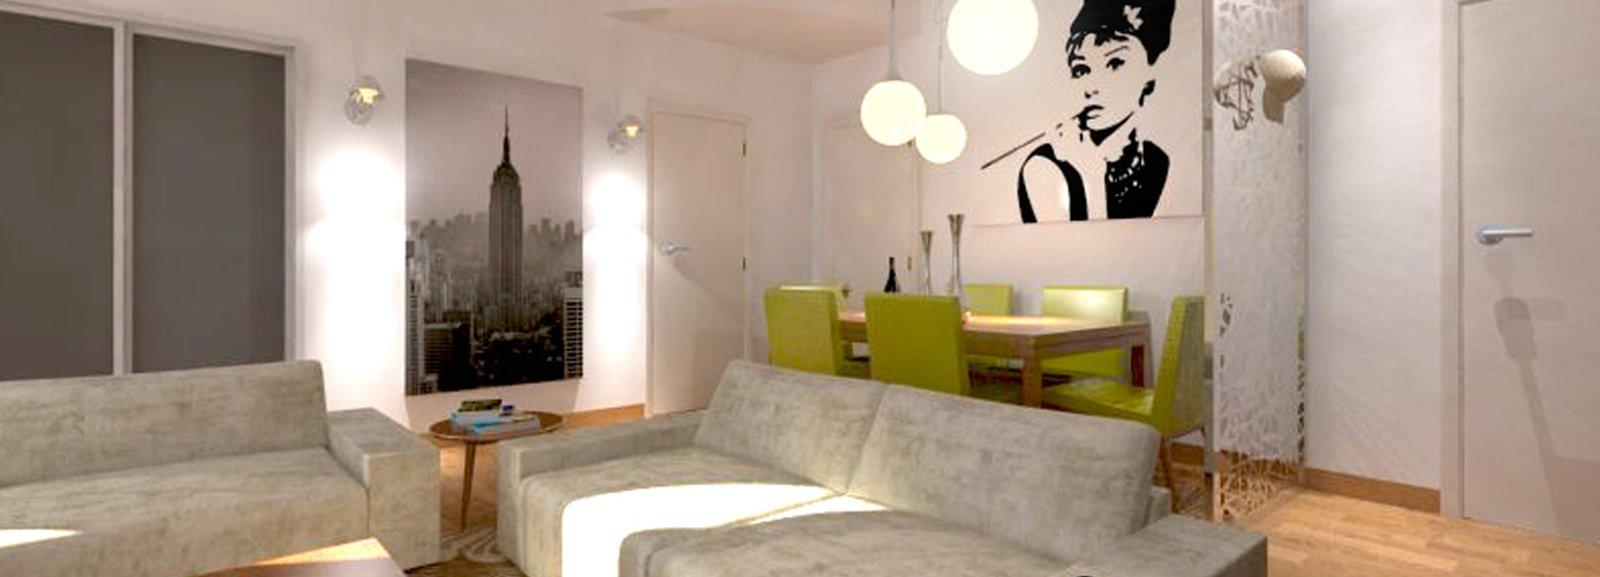 Divano luci e tavolo quale disposizione cose di casa - Disposizione salotto sala pranzo ...